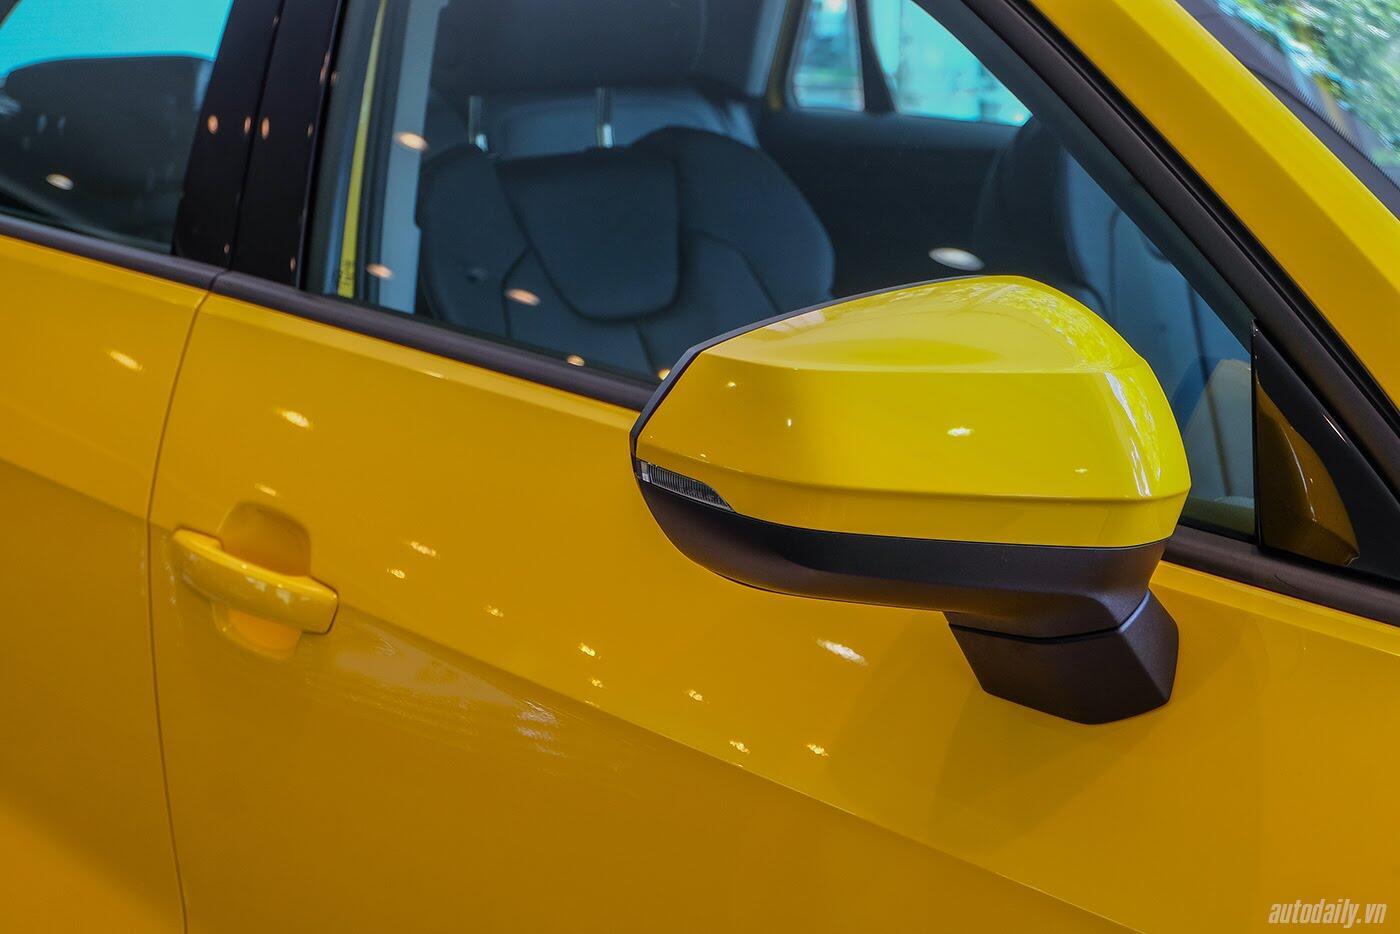 Audi Q2 đã có mặt tại showroom, sẵn sàng bán tới tay người dùng - Hình 2